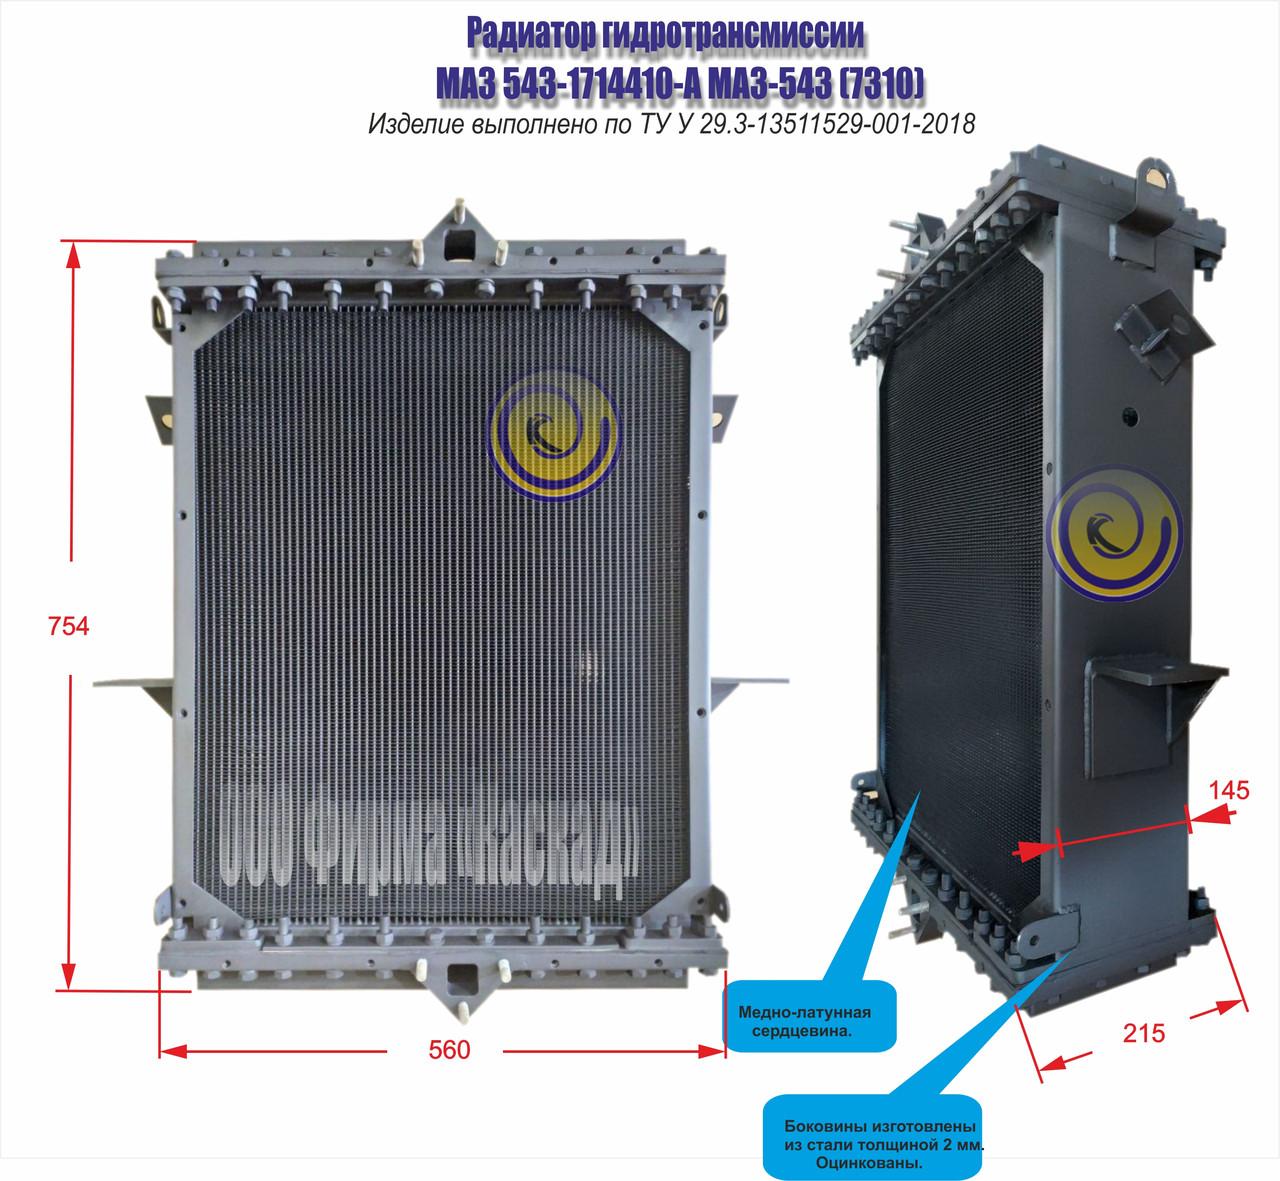 Радіатор гидротрансмиссии МАЗ 543-1714410-А МАЗ-543 (7310)